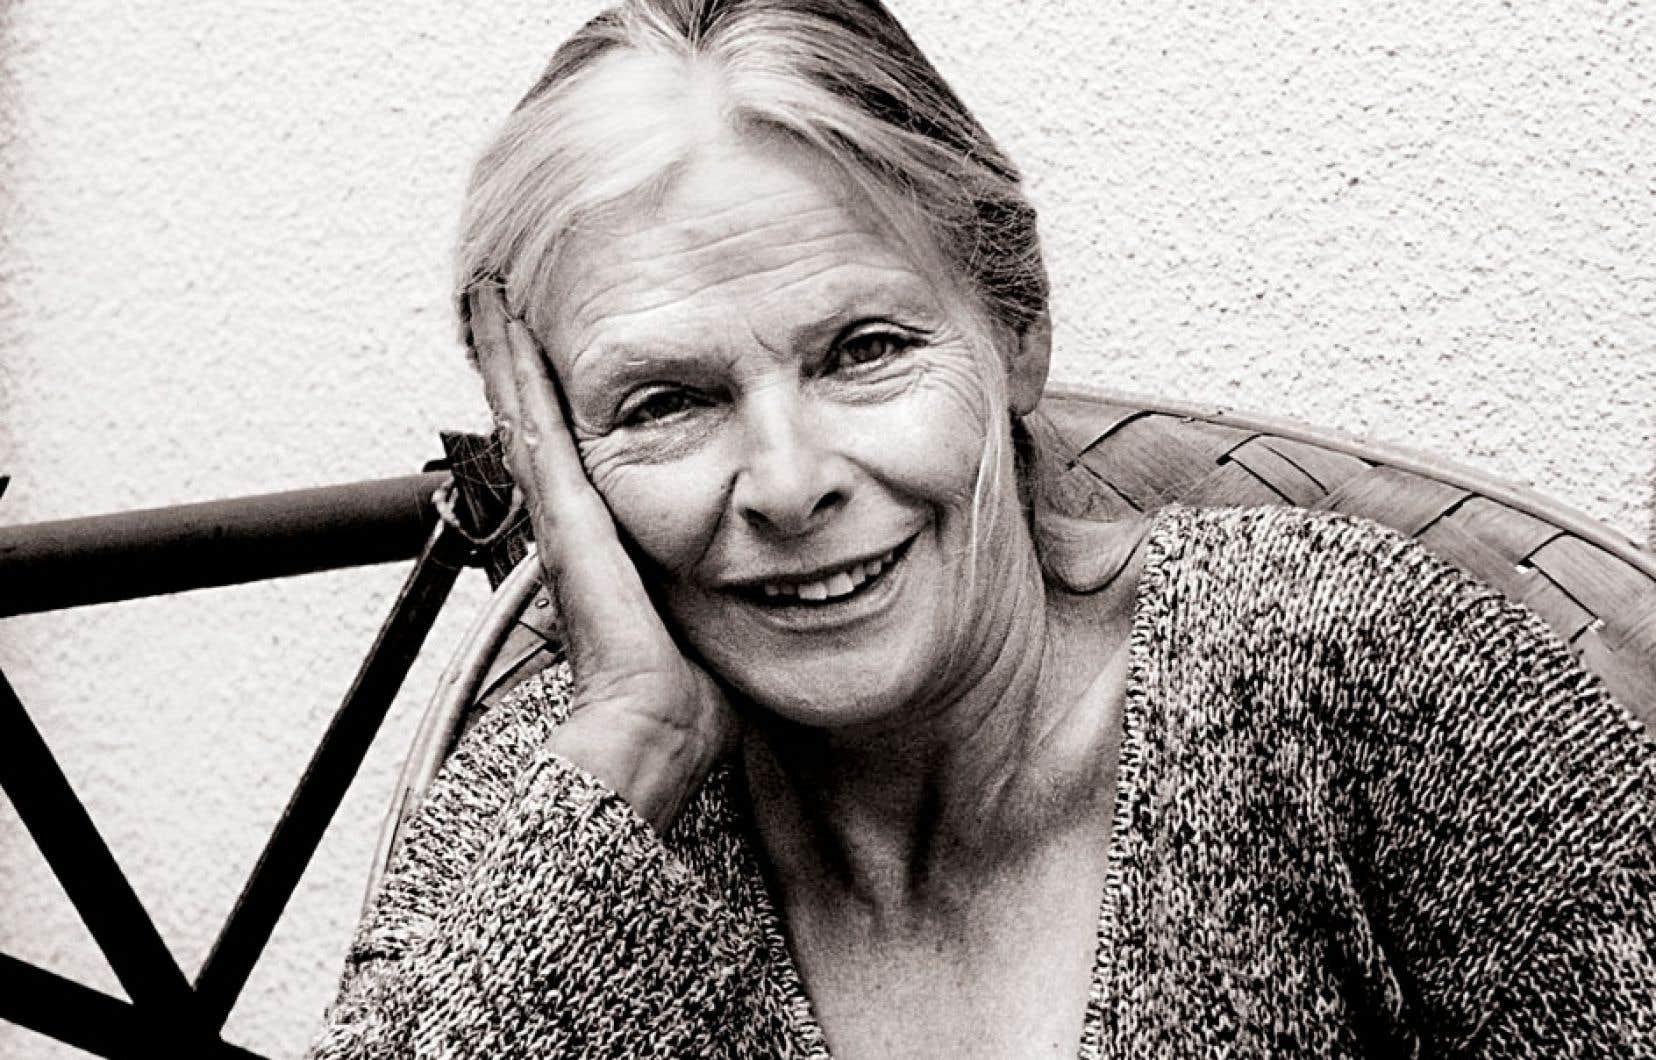 La philosophe française Annie Leclerc, qui, après s'être hissée au cénacle des proches de Simone de Beauvoir, faisait paraître Parole de femme en 1974, provoquant le dégoût et le rejet de ces féministes qu'elle avait tant admirées. Une blessure dont elle ne s'est, paraît-il, jamais véritablement remise.